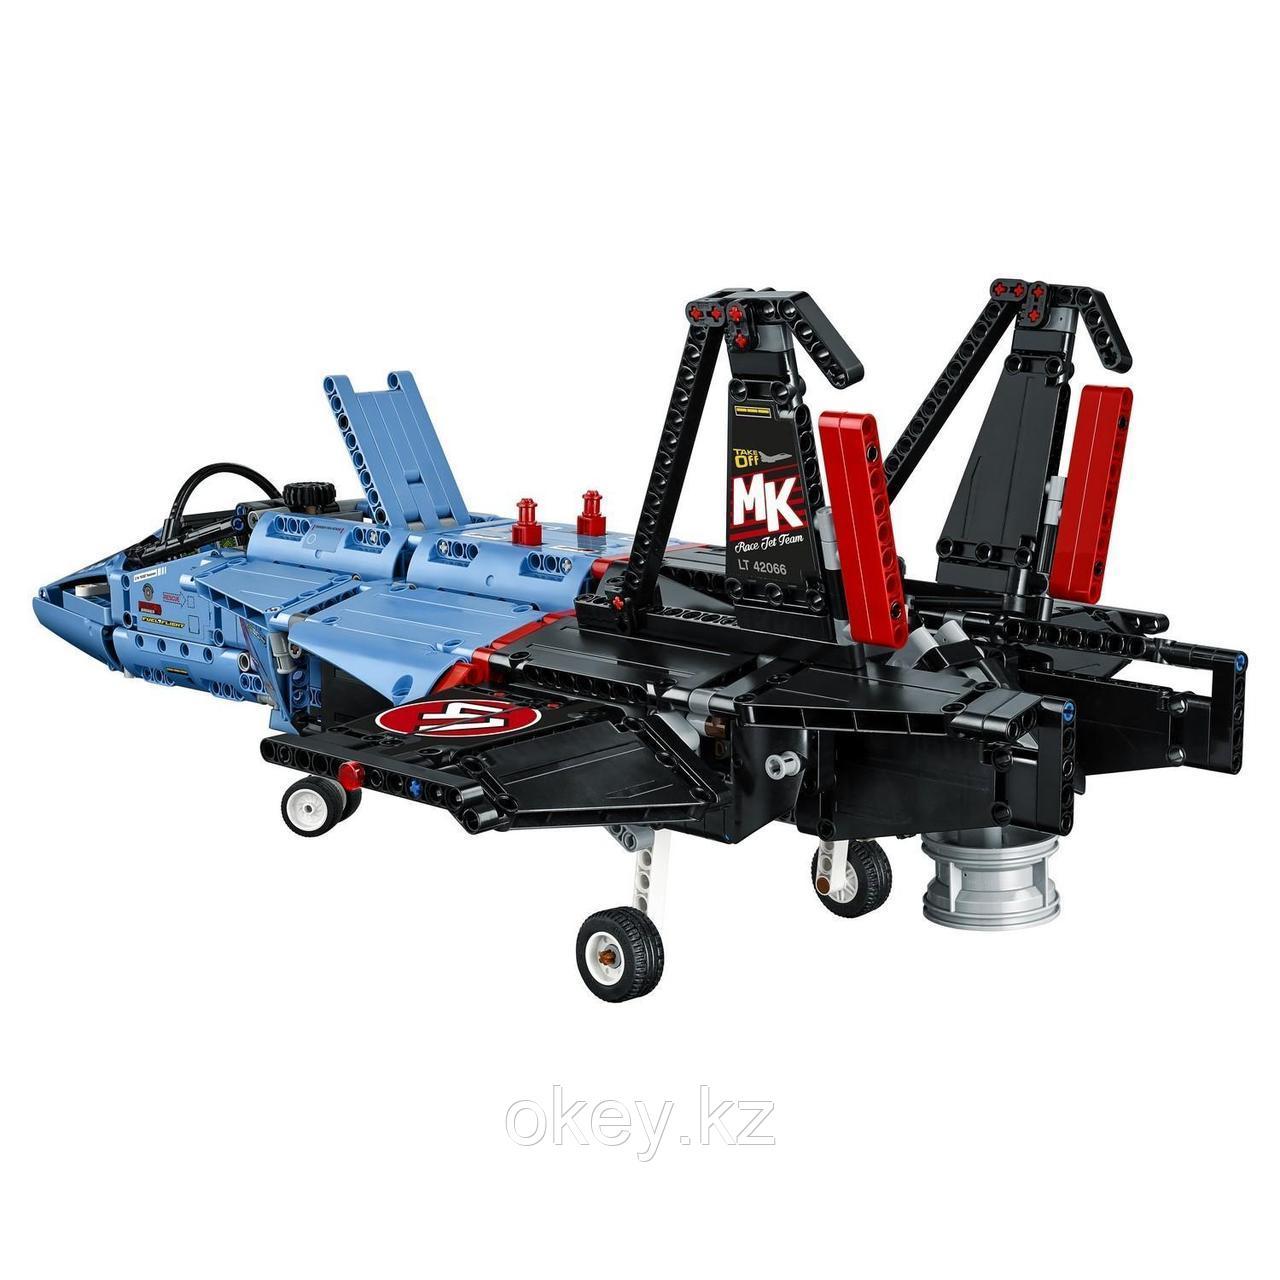 LEGO Technic: Сверхзвуковой истребитель 42066 - фото 8